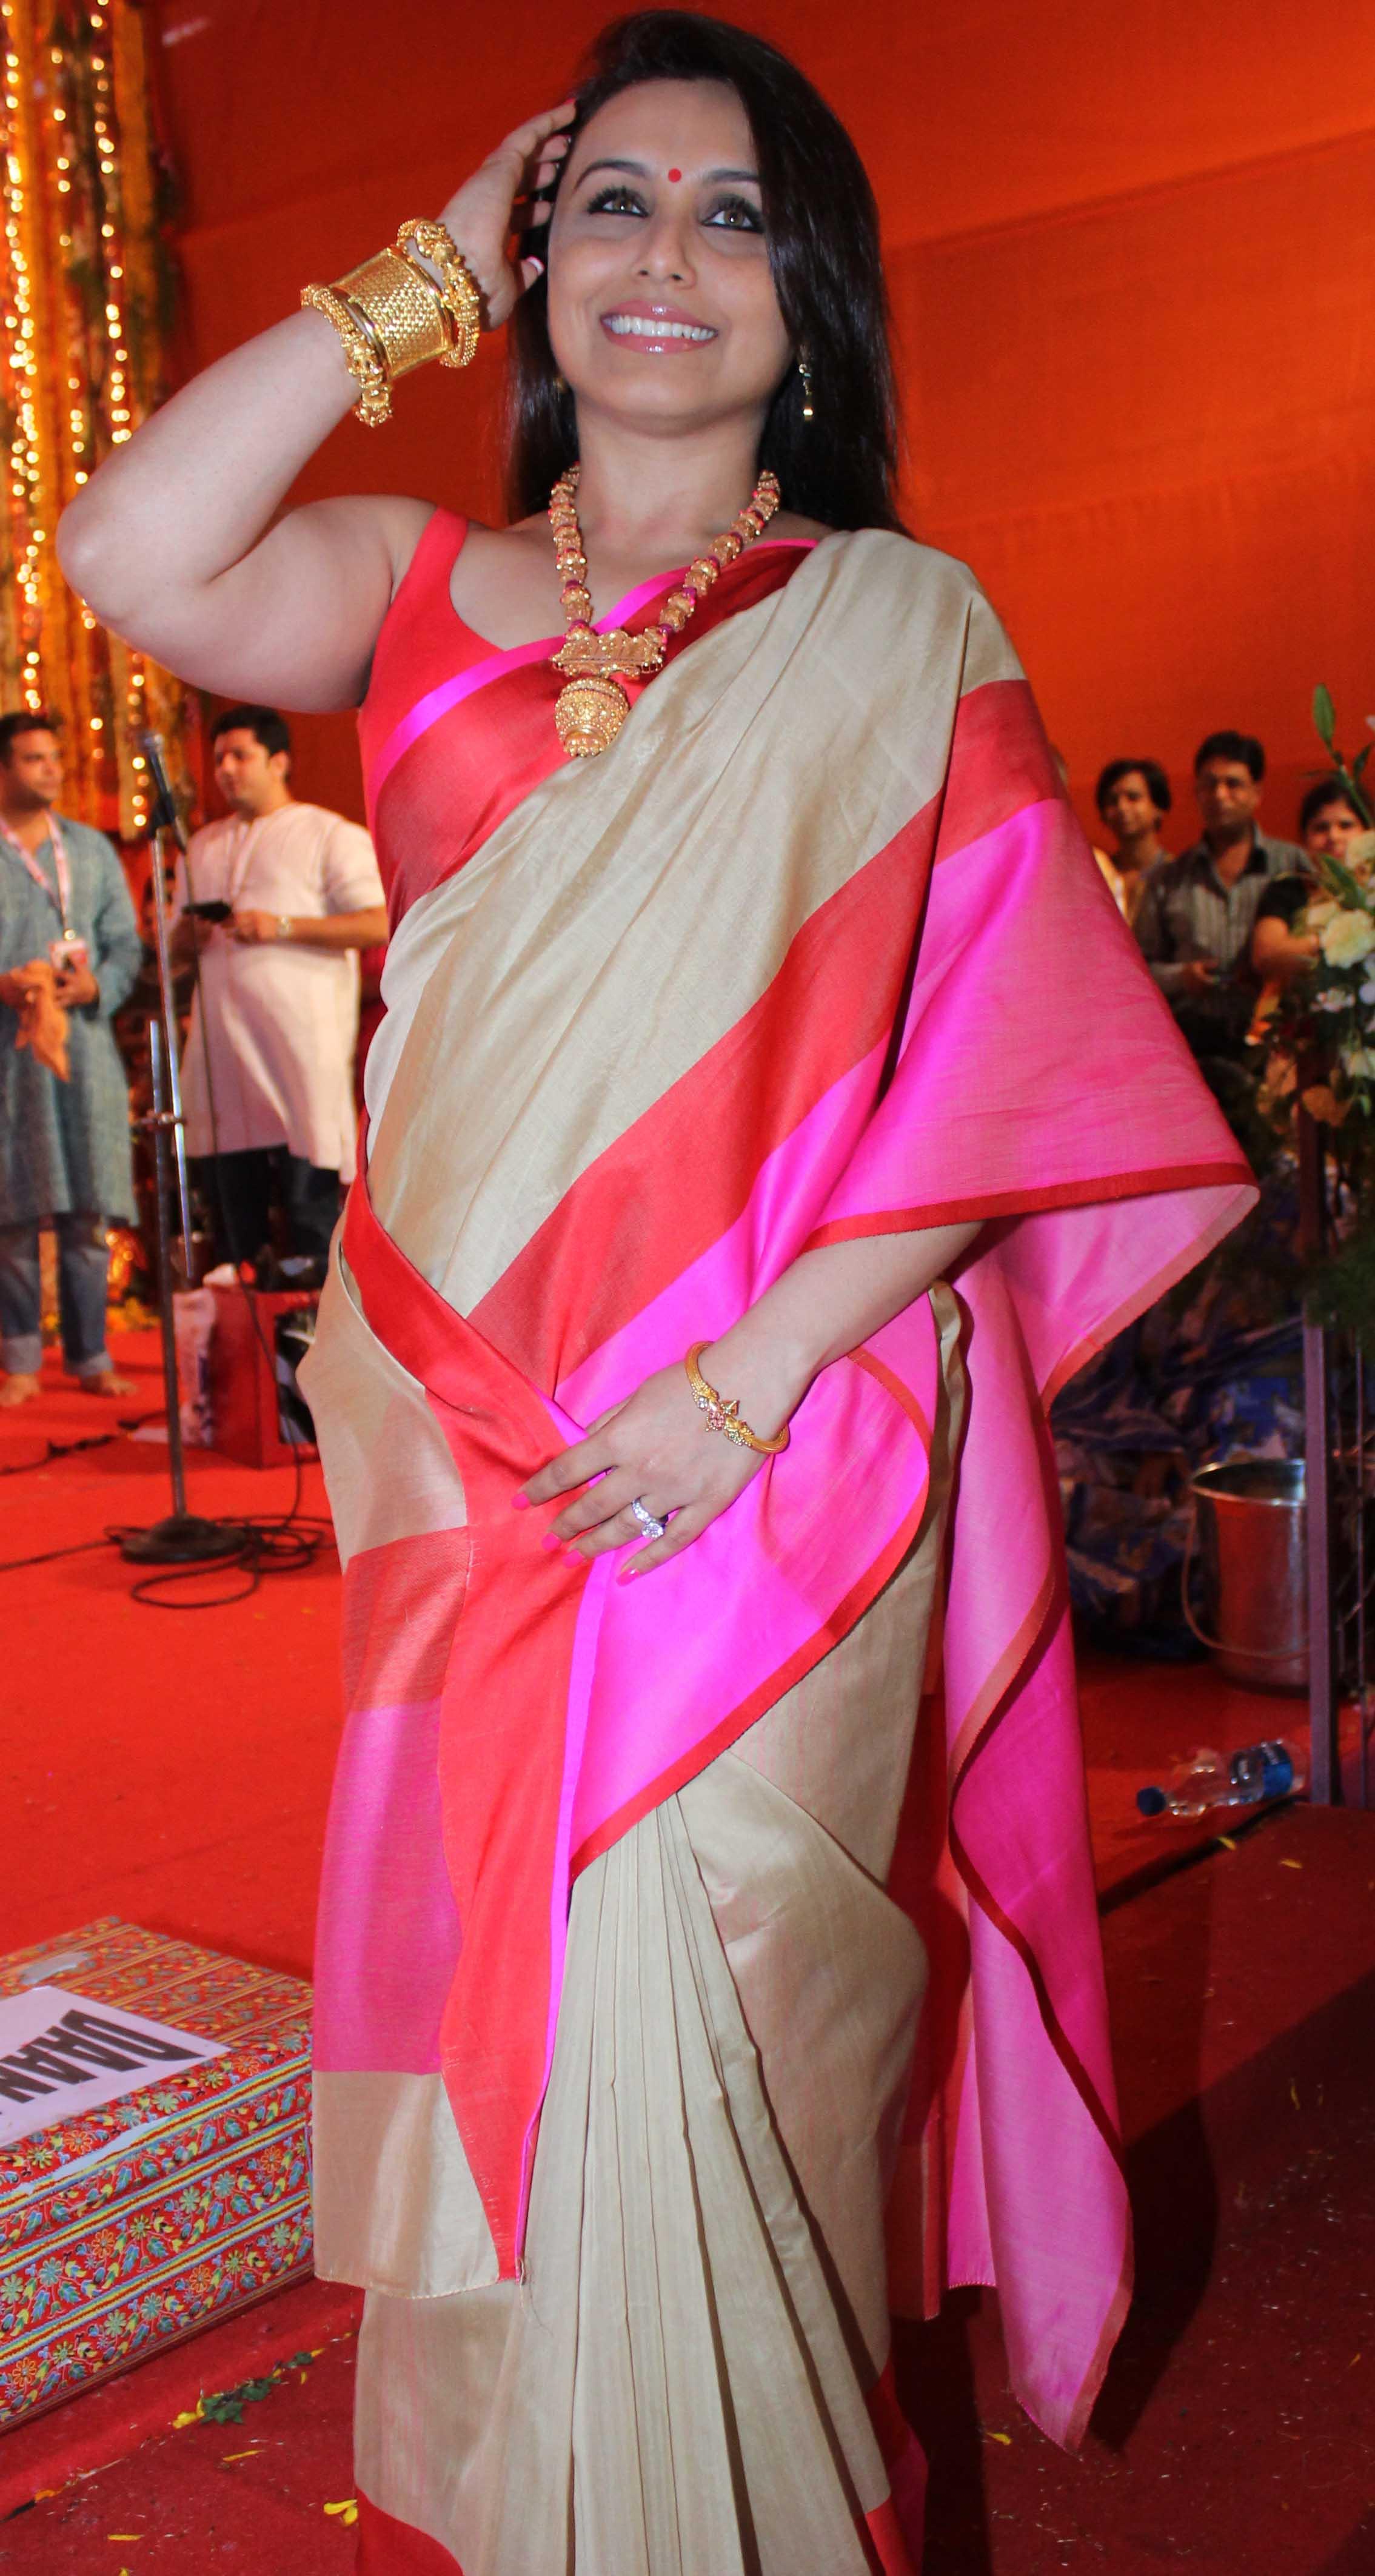 Sharbani mukherjee hot